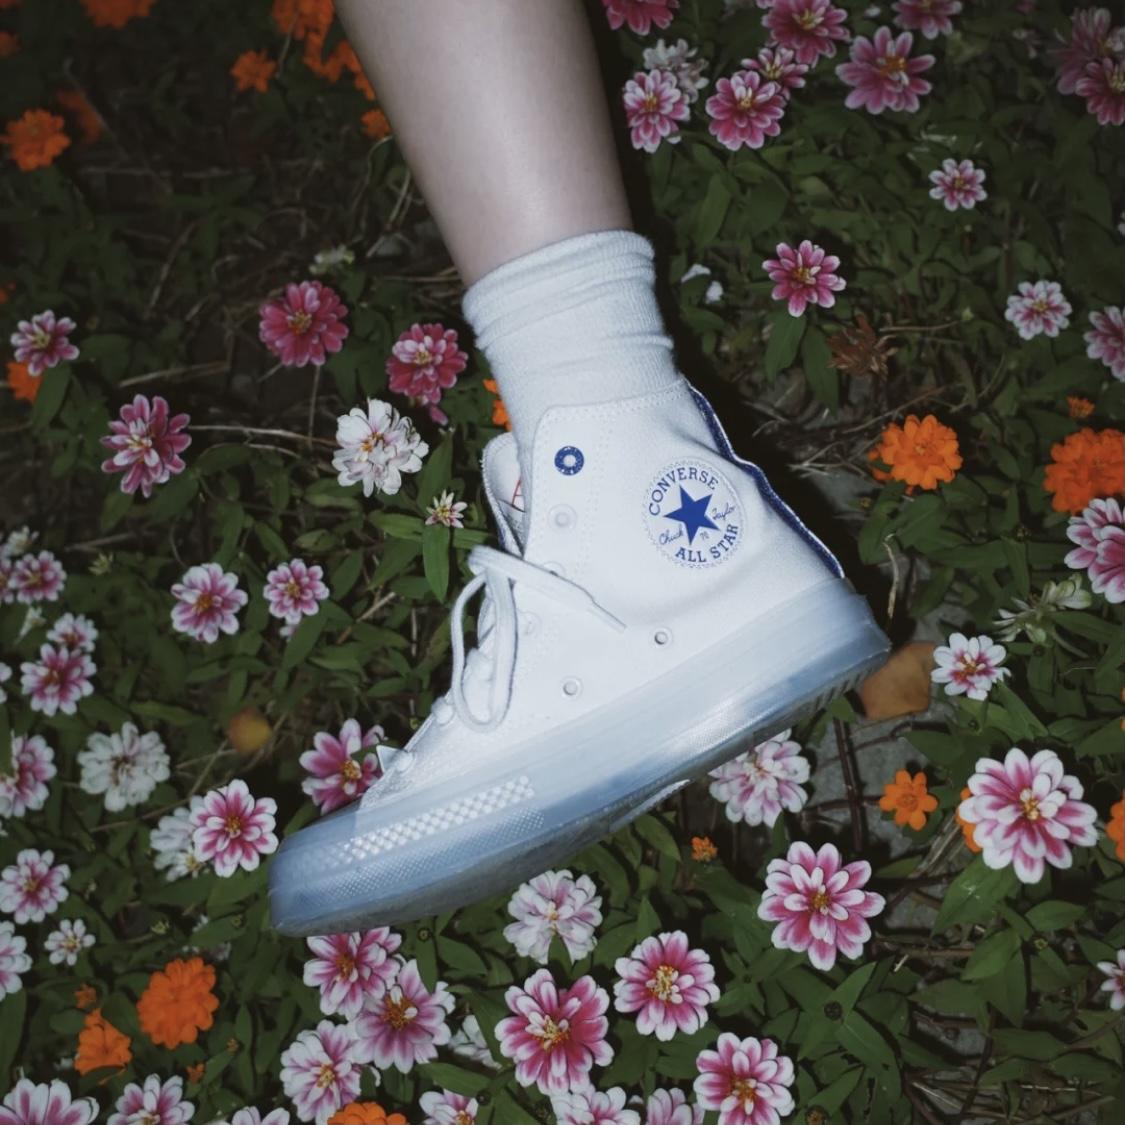 匡威1970s新款青花瓷方巾张艺兴联名高帮帆布鞋水晶果冻底170624c